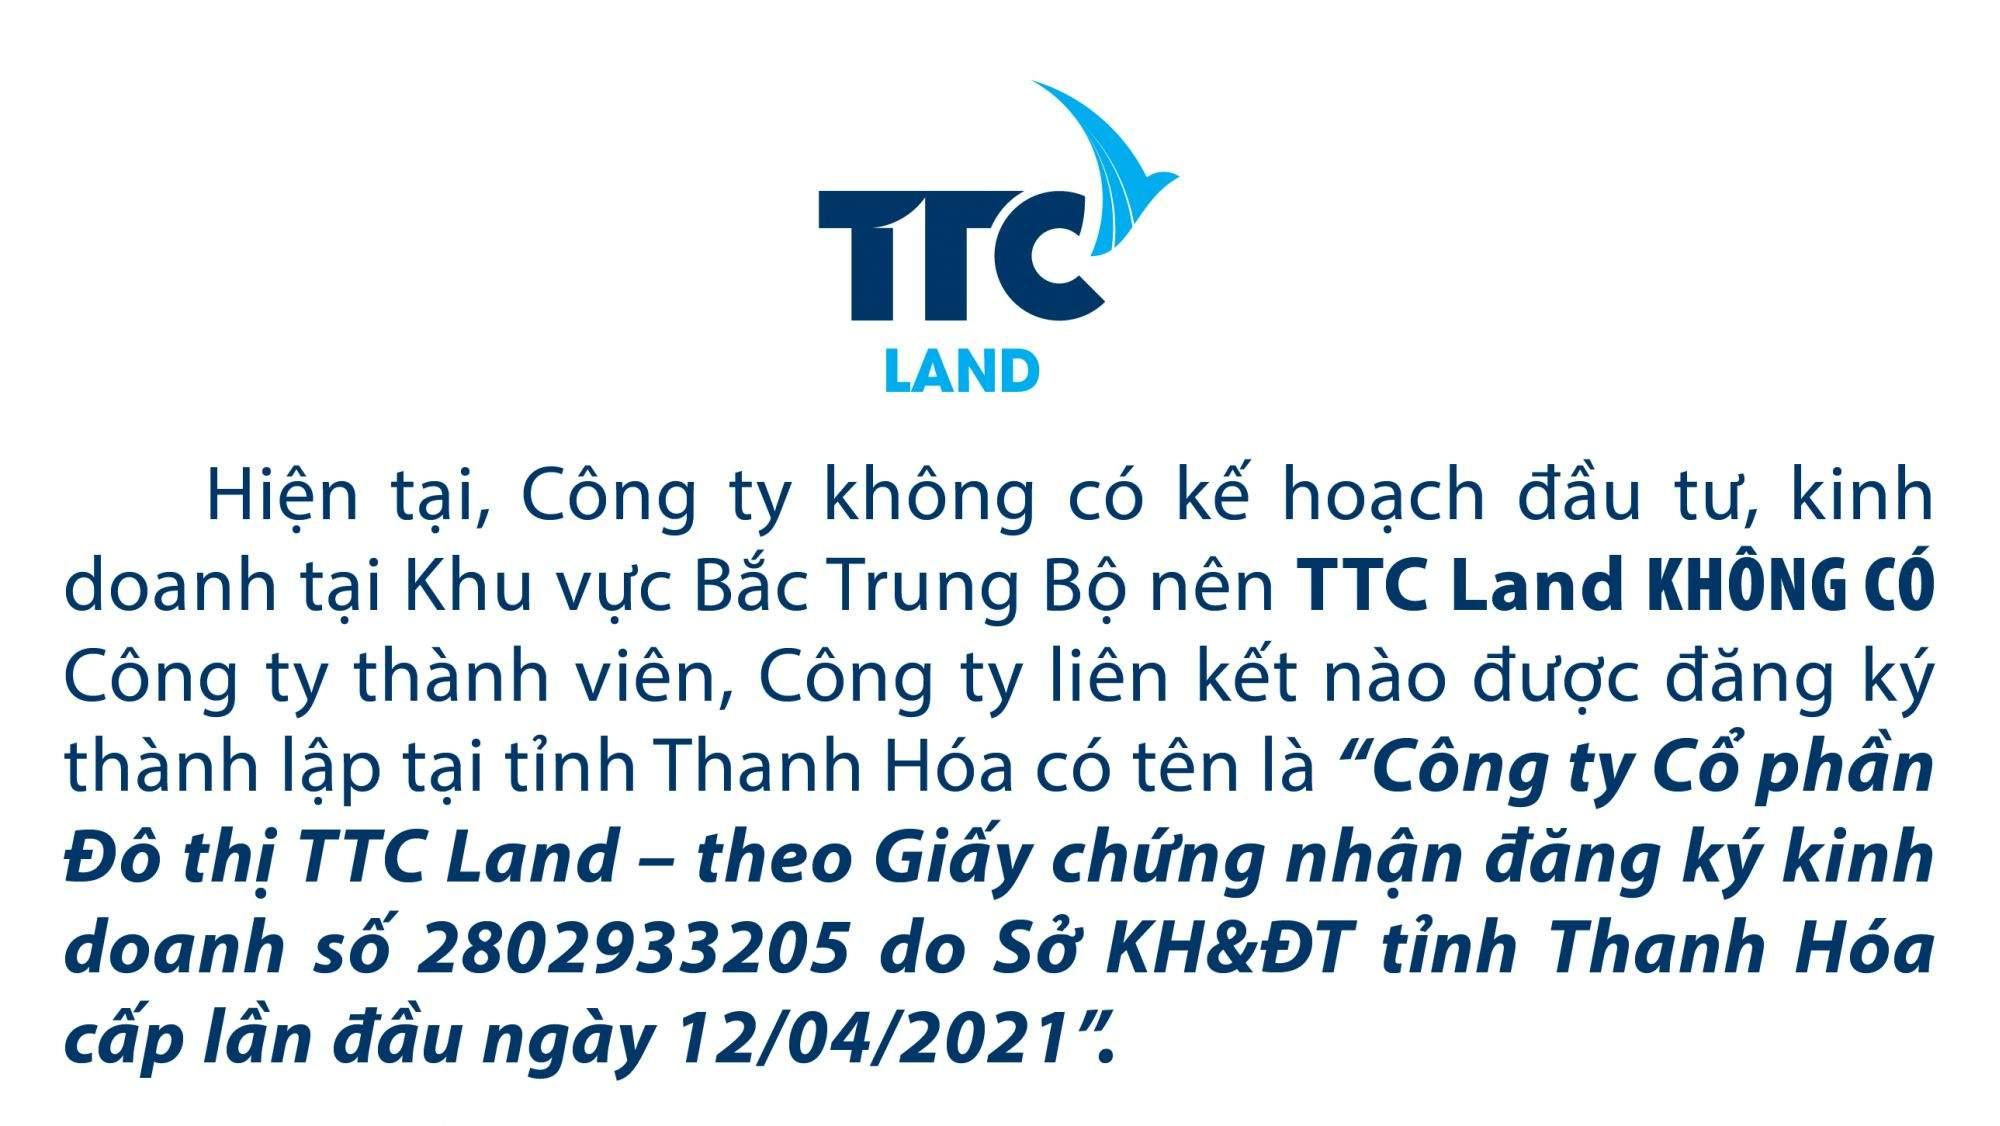 Cải chính TTC Land không có công ty thành viên hoặc chi nhánh tại Thanh Hóa